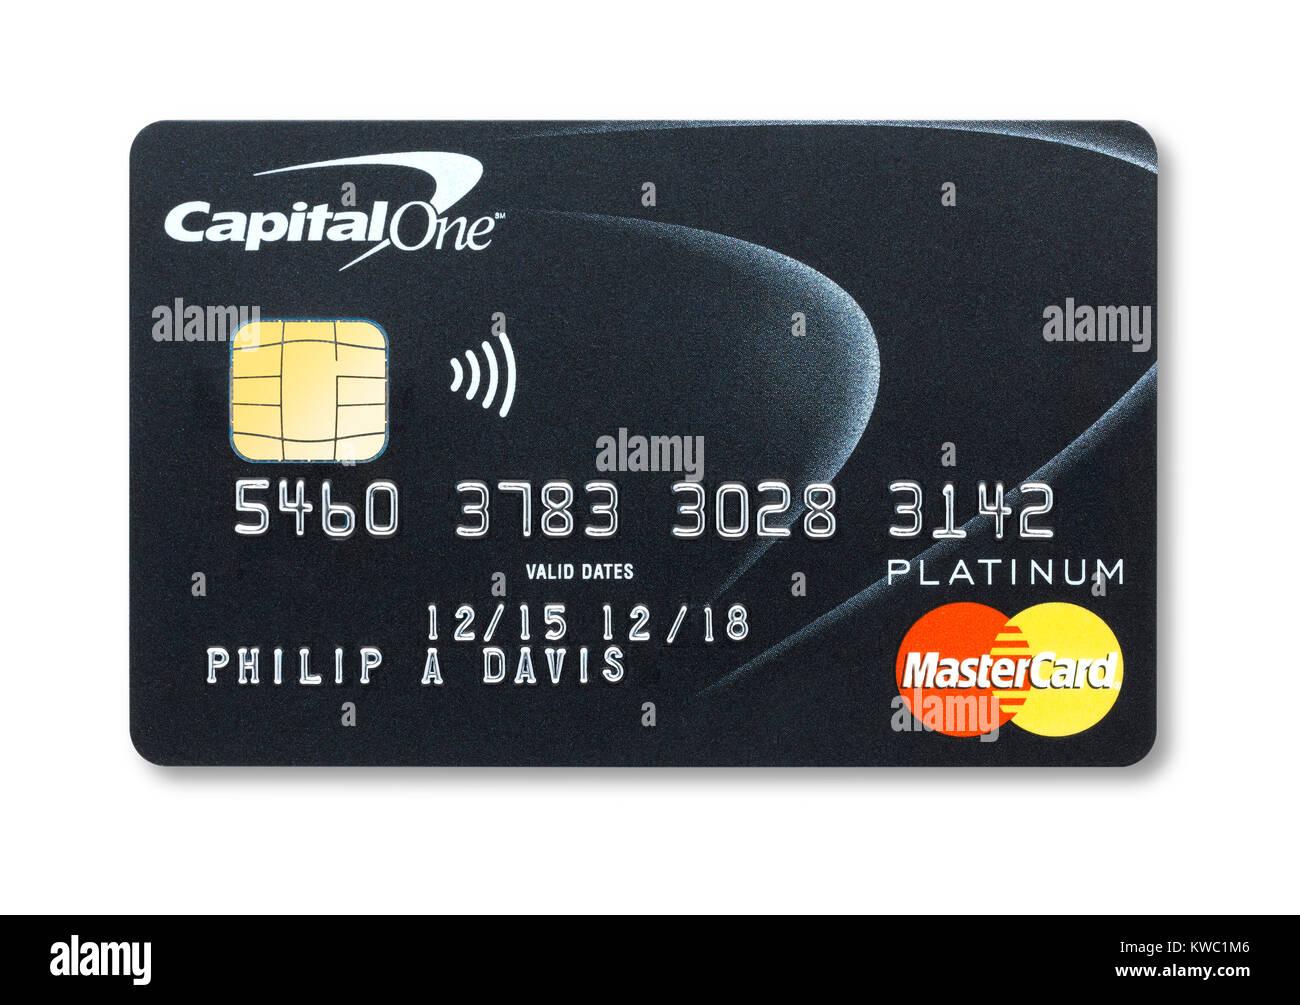 Coupe simple d'une carte de crédit Capital One holding avec ombre Photo Stock